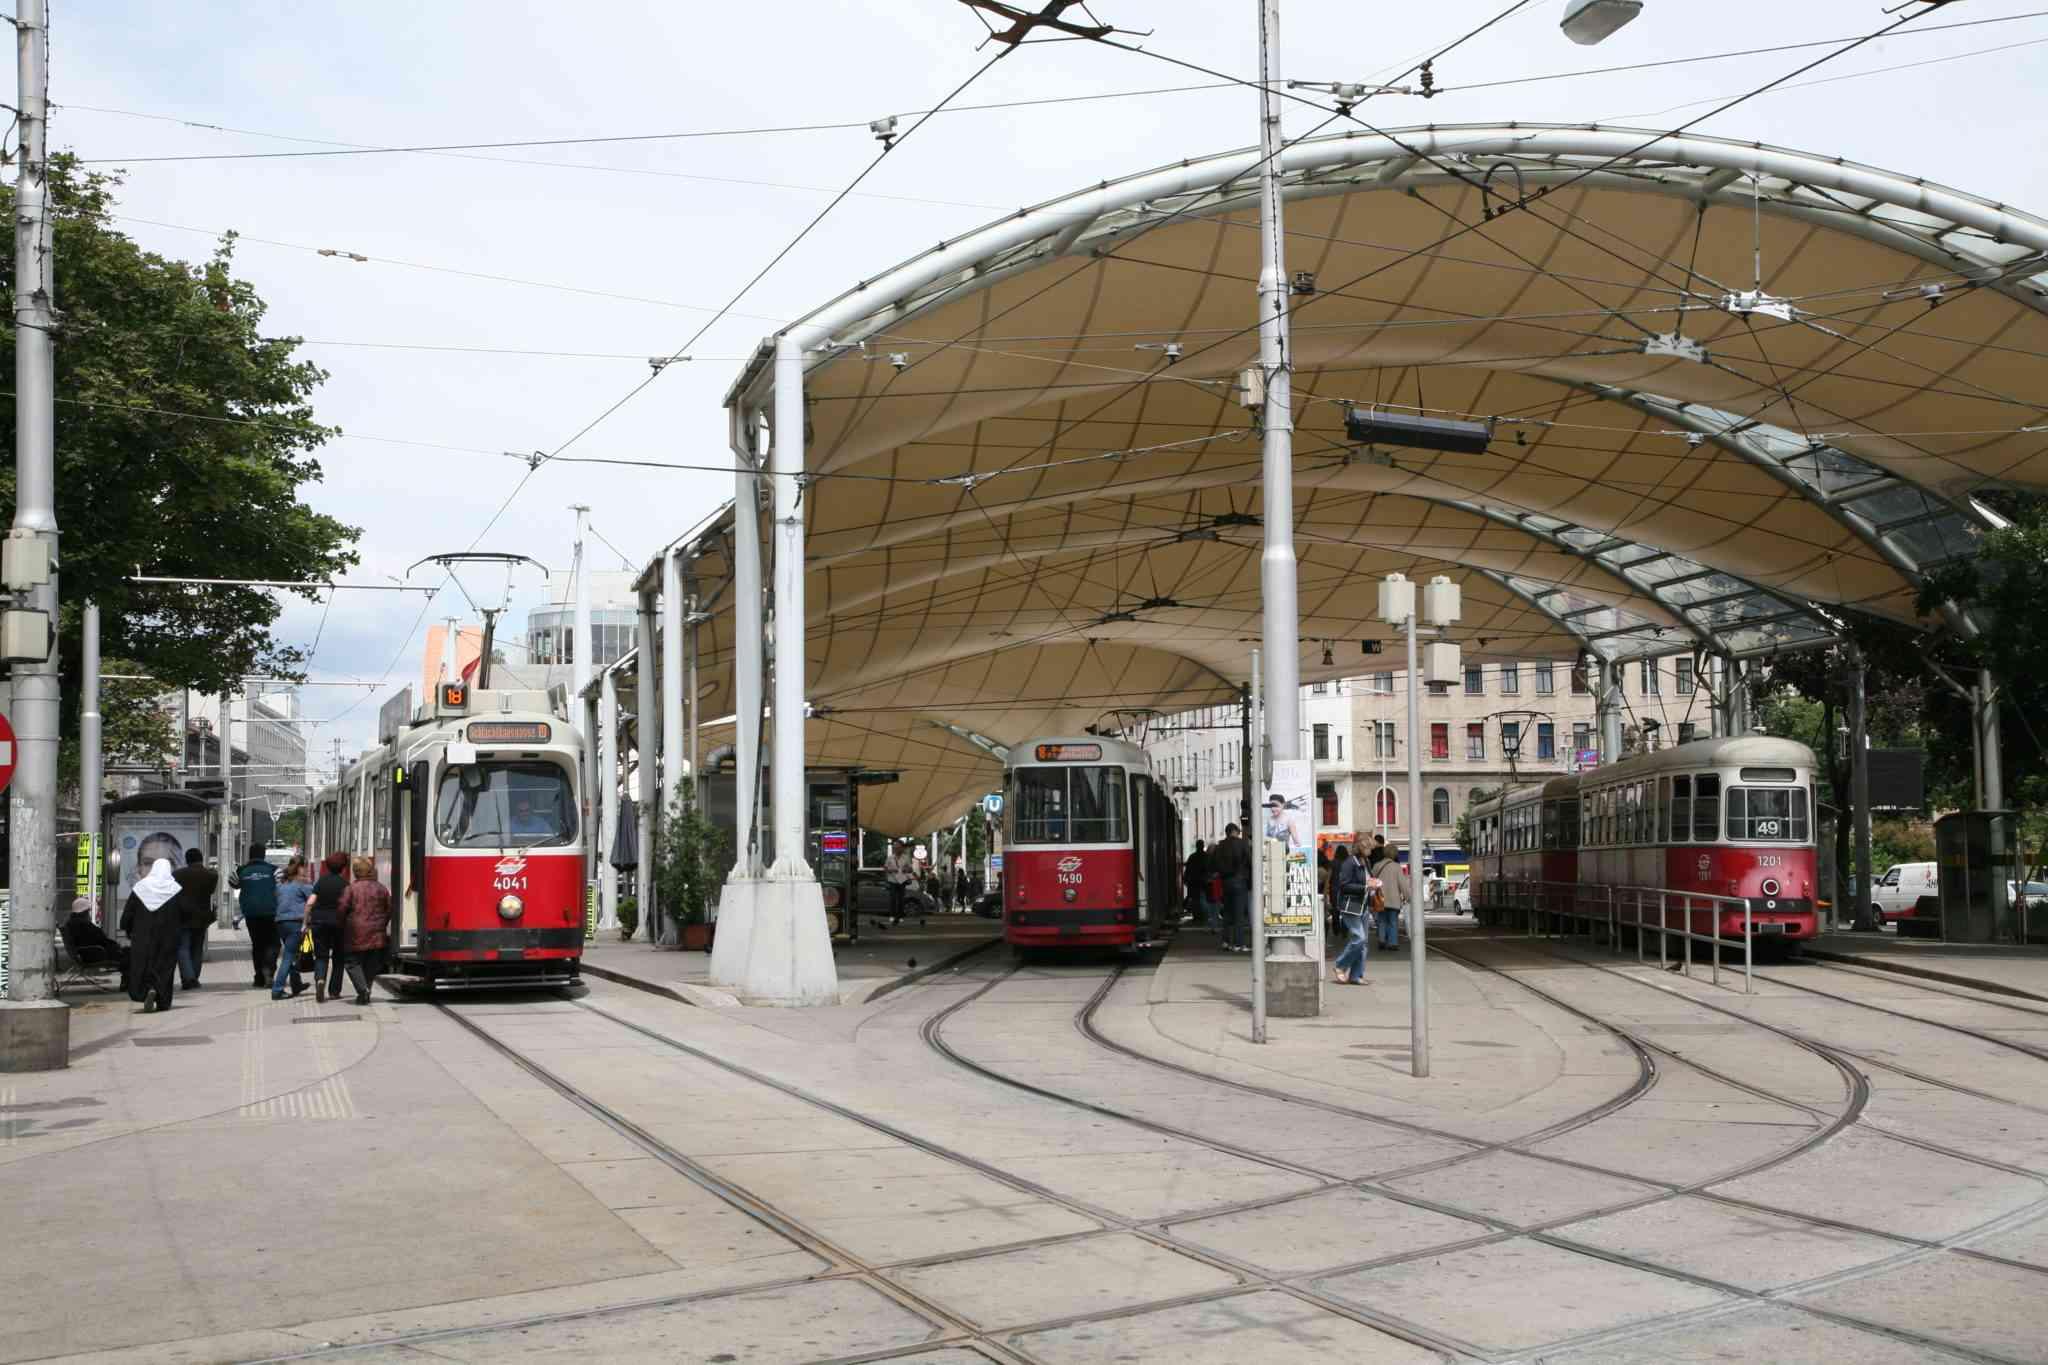 Der geringste Abstand zwischen zwei Haltestellen befindet sich zwischen Urban-Loritz-Platz und Burggasse, Stadthalle.